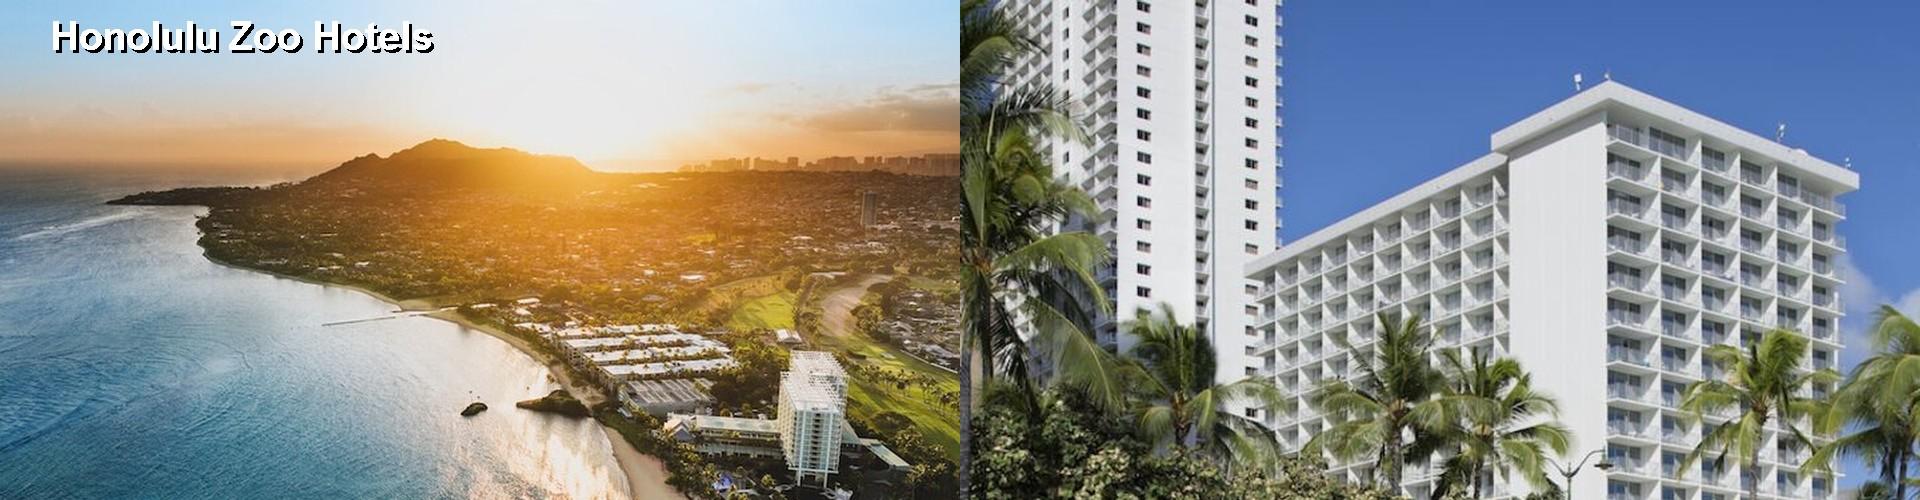 5 Best Hotels Near Honolulu Zoo